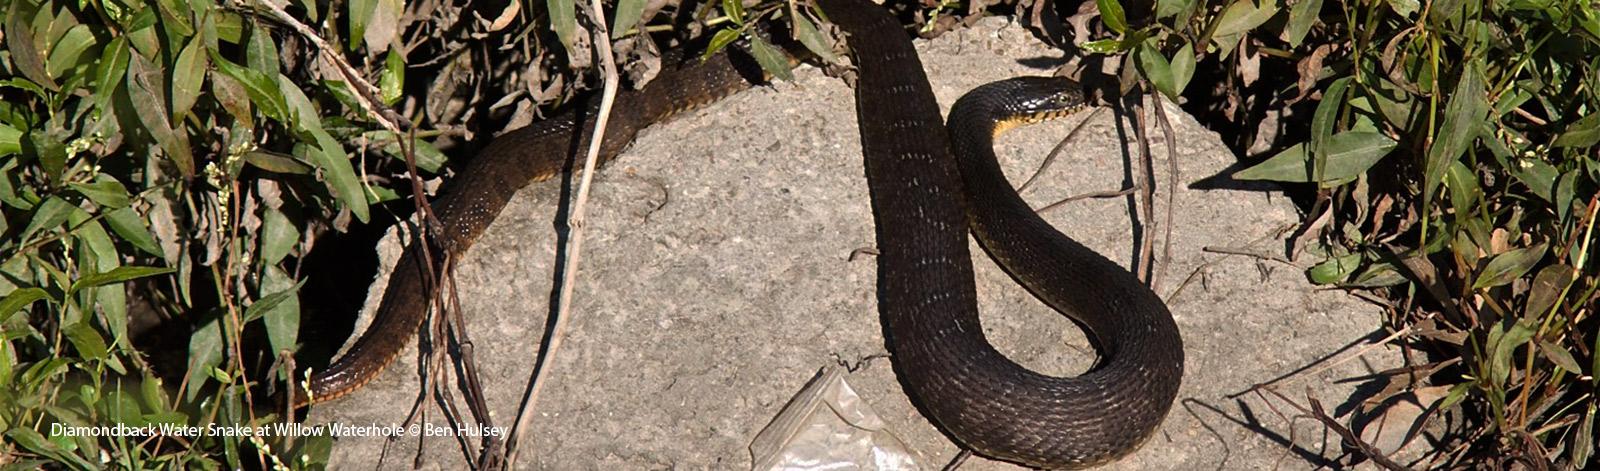 Snakes of Houston   Programs   Houston Audubon